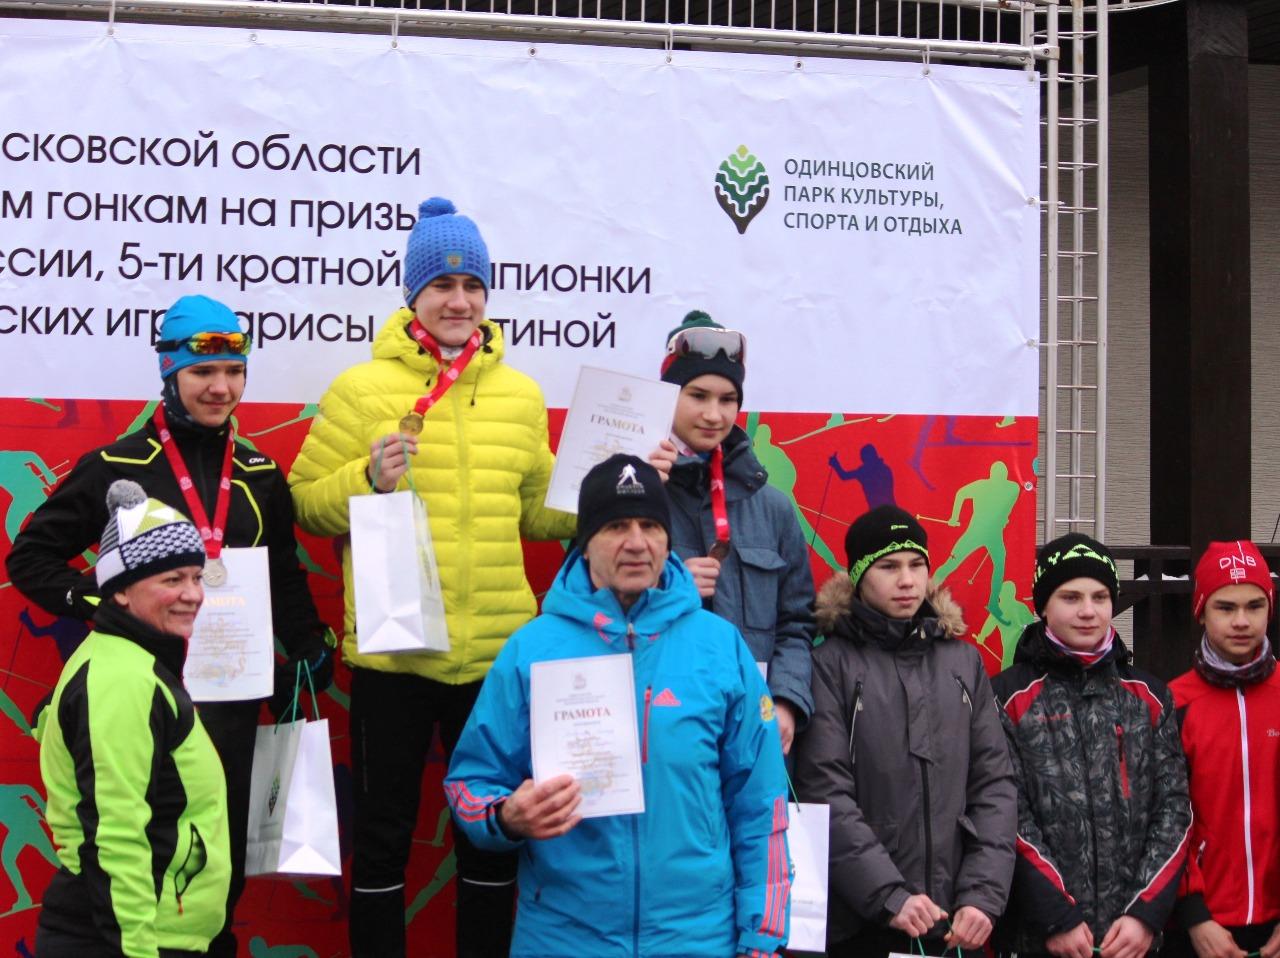 И снова на ступеньке победителя воспитанник ЛК Наседкина Алексей Зайцев и его тренер Леонид Войчин.